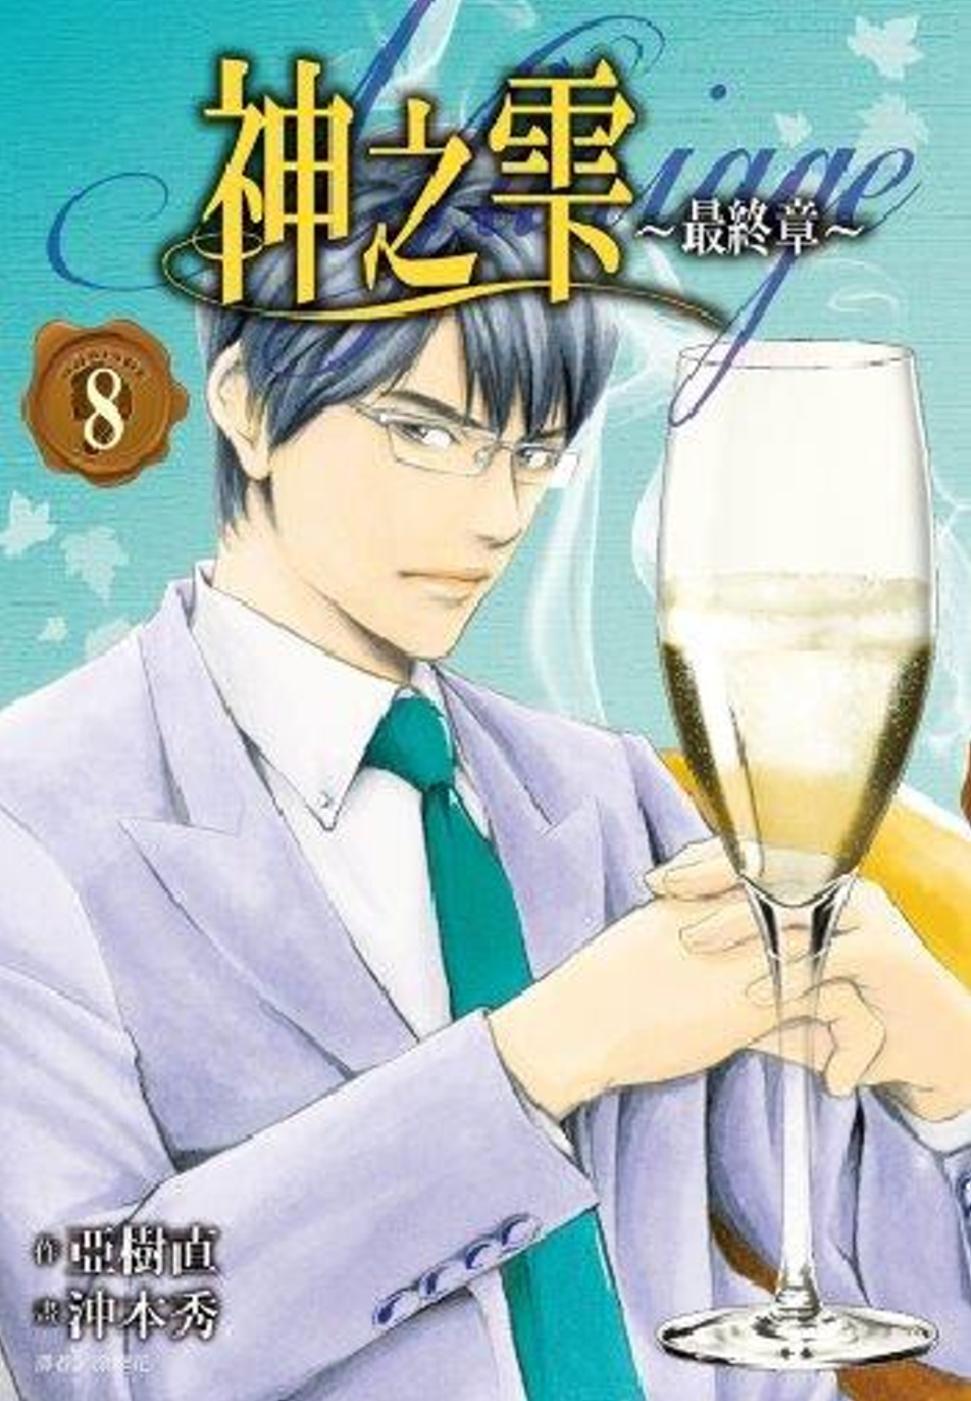 《神之雫 最終章~Mariage~(08)》 商品條碼,ISBN:9789571079677